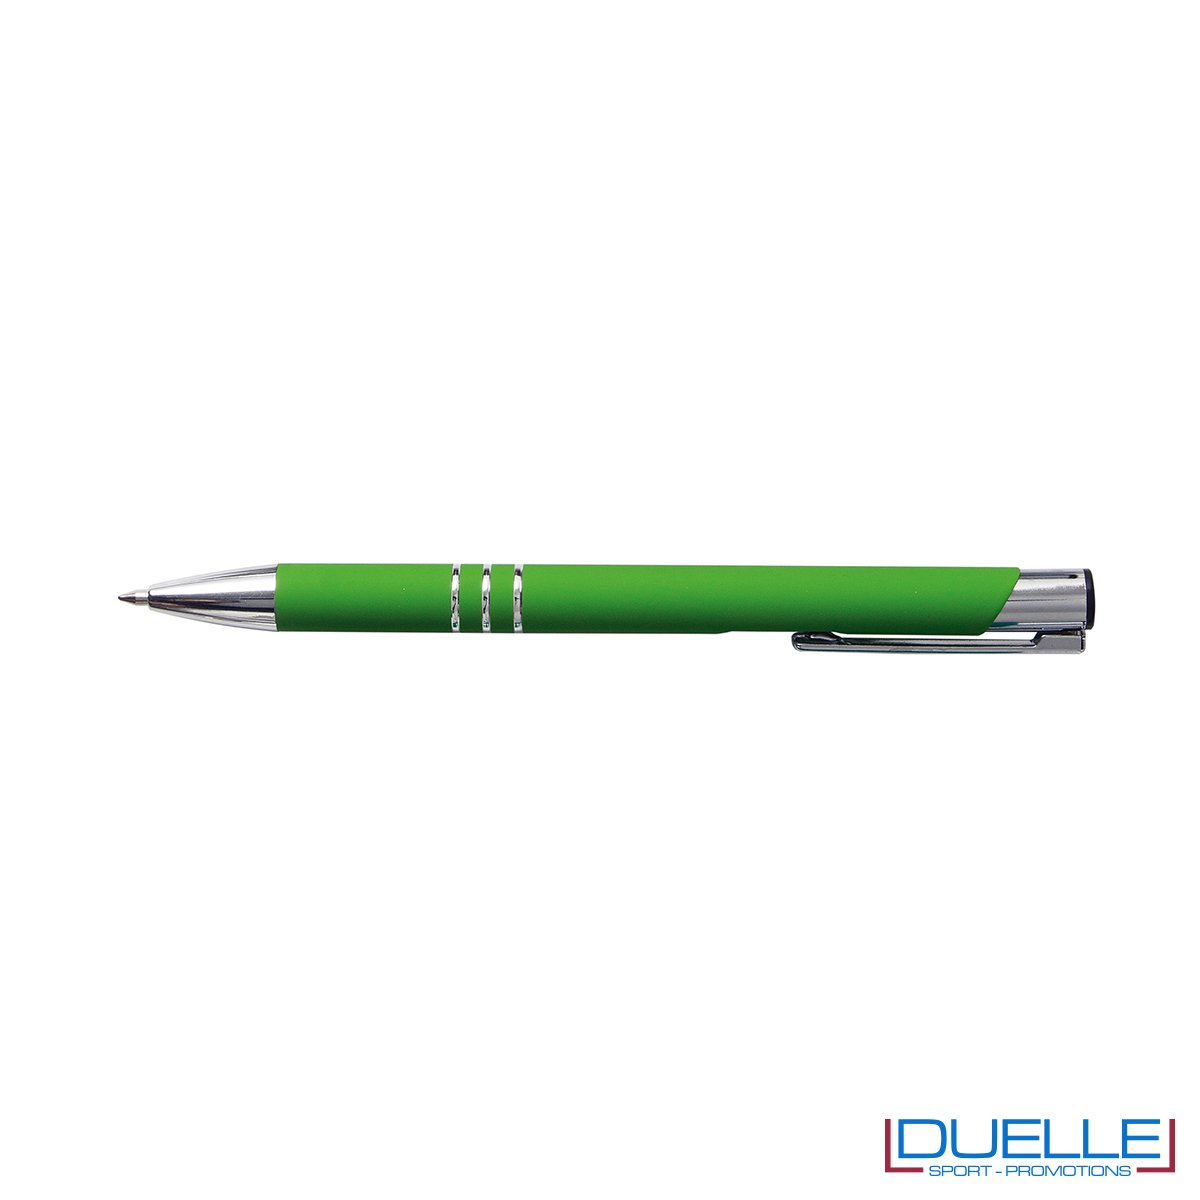 penna personalizzabile in metallo con finitura soft touch verde chiaro, penne personalizzate promozionali soft touch verde chiaro